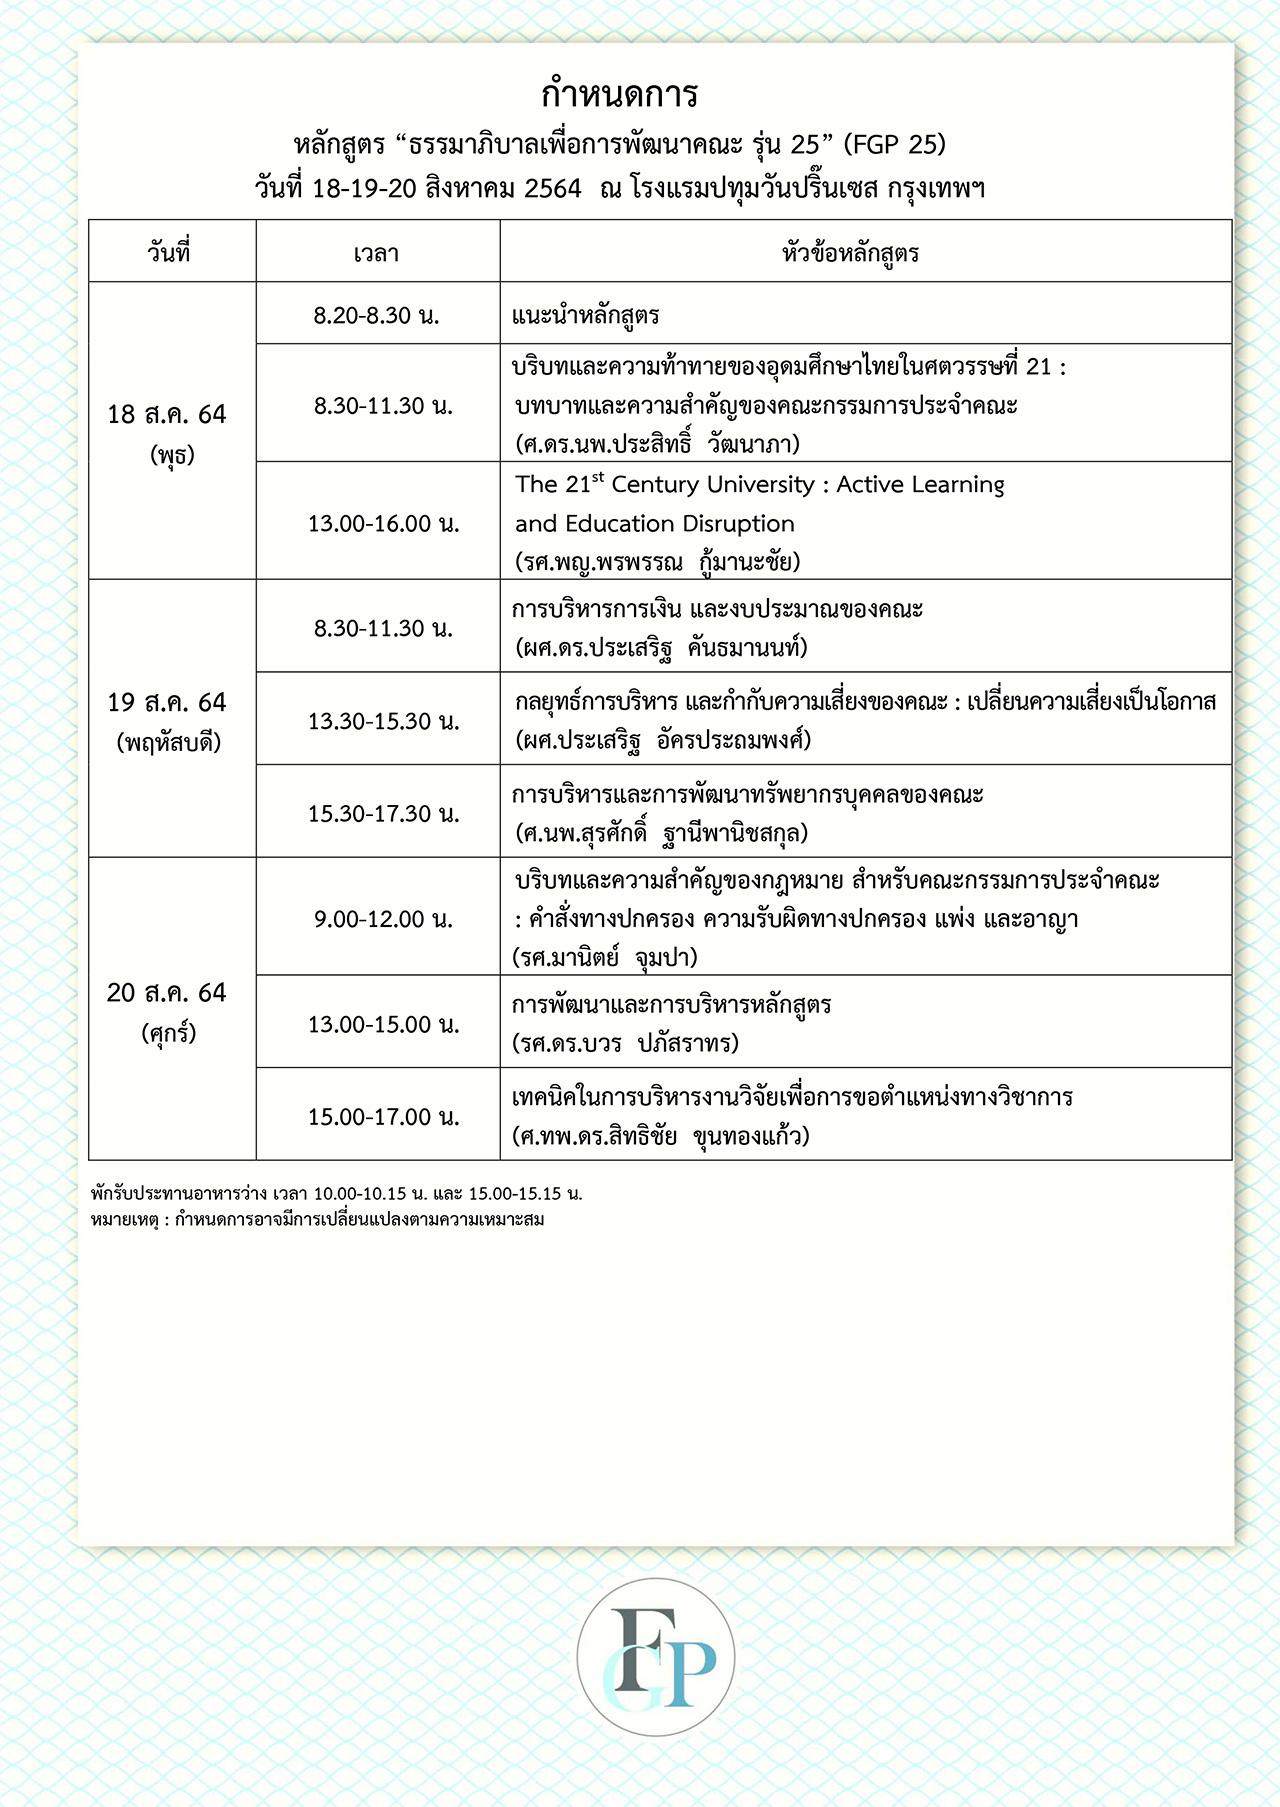 agenda-fgp25